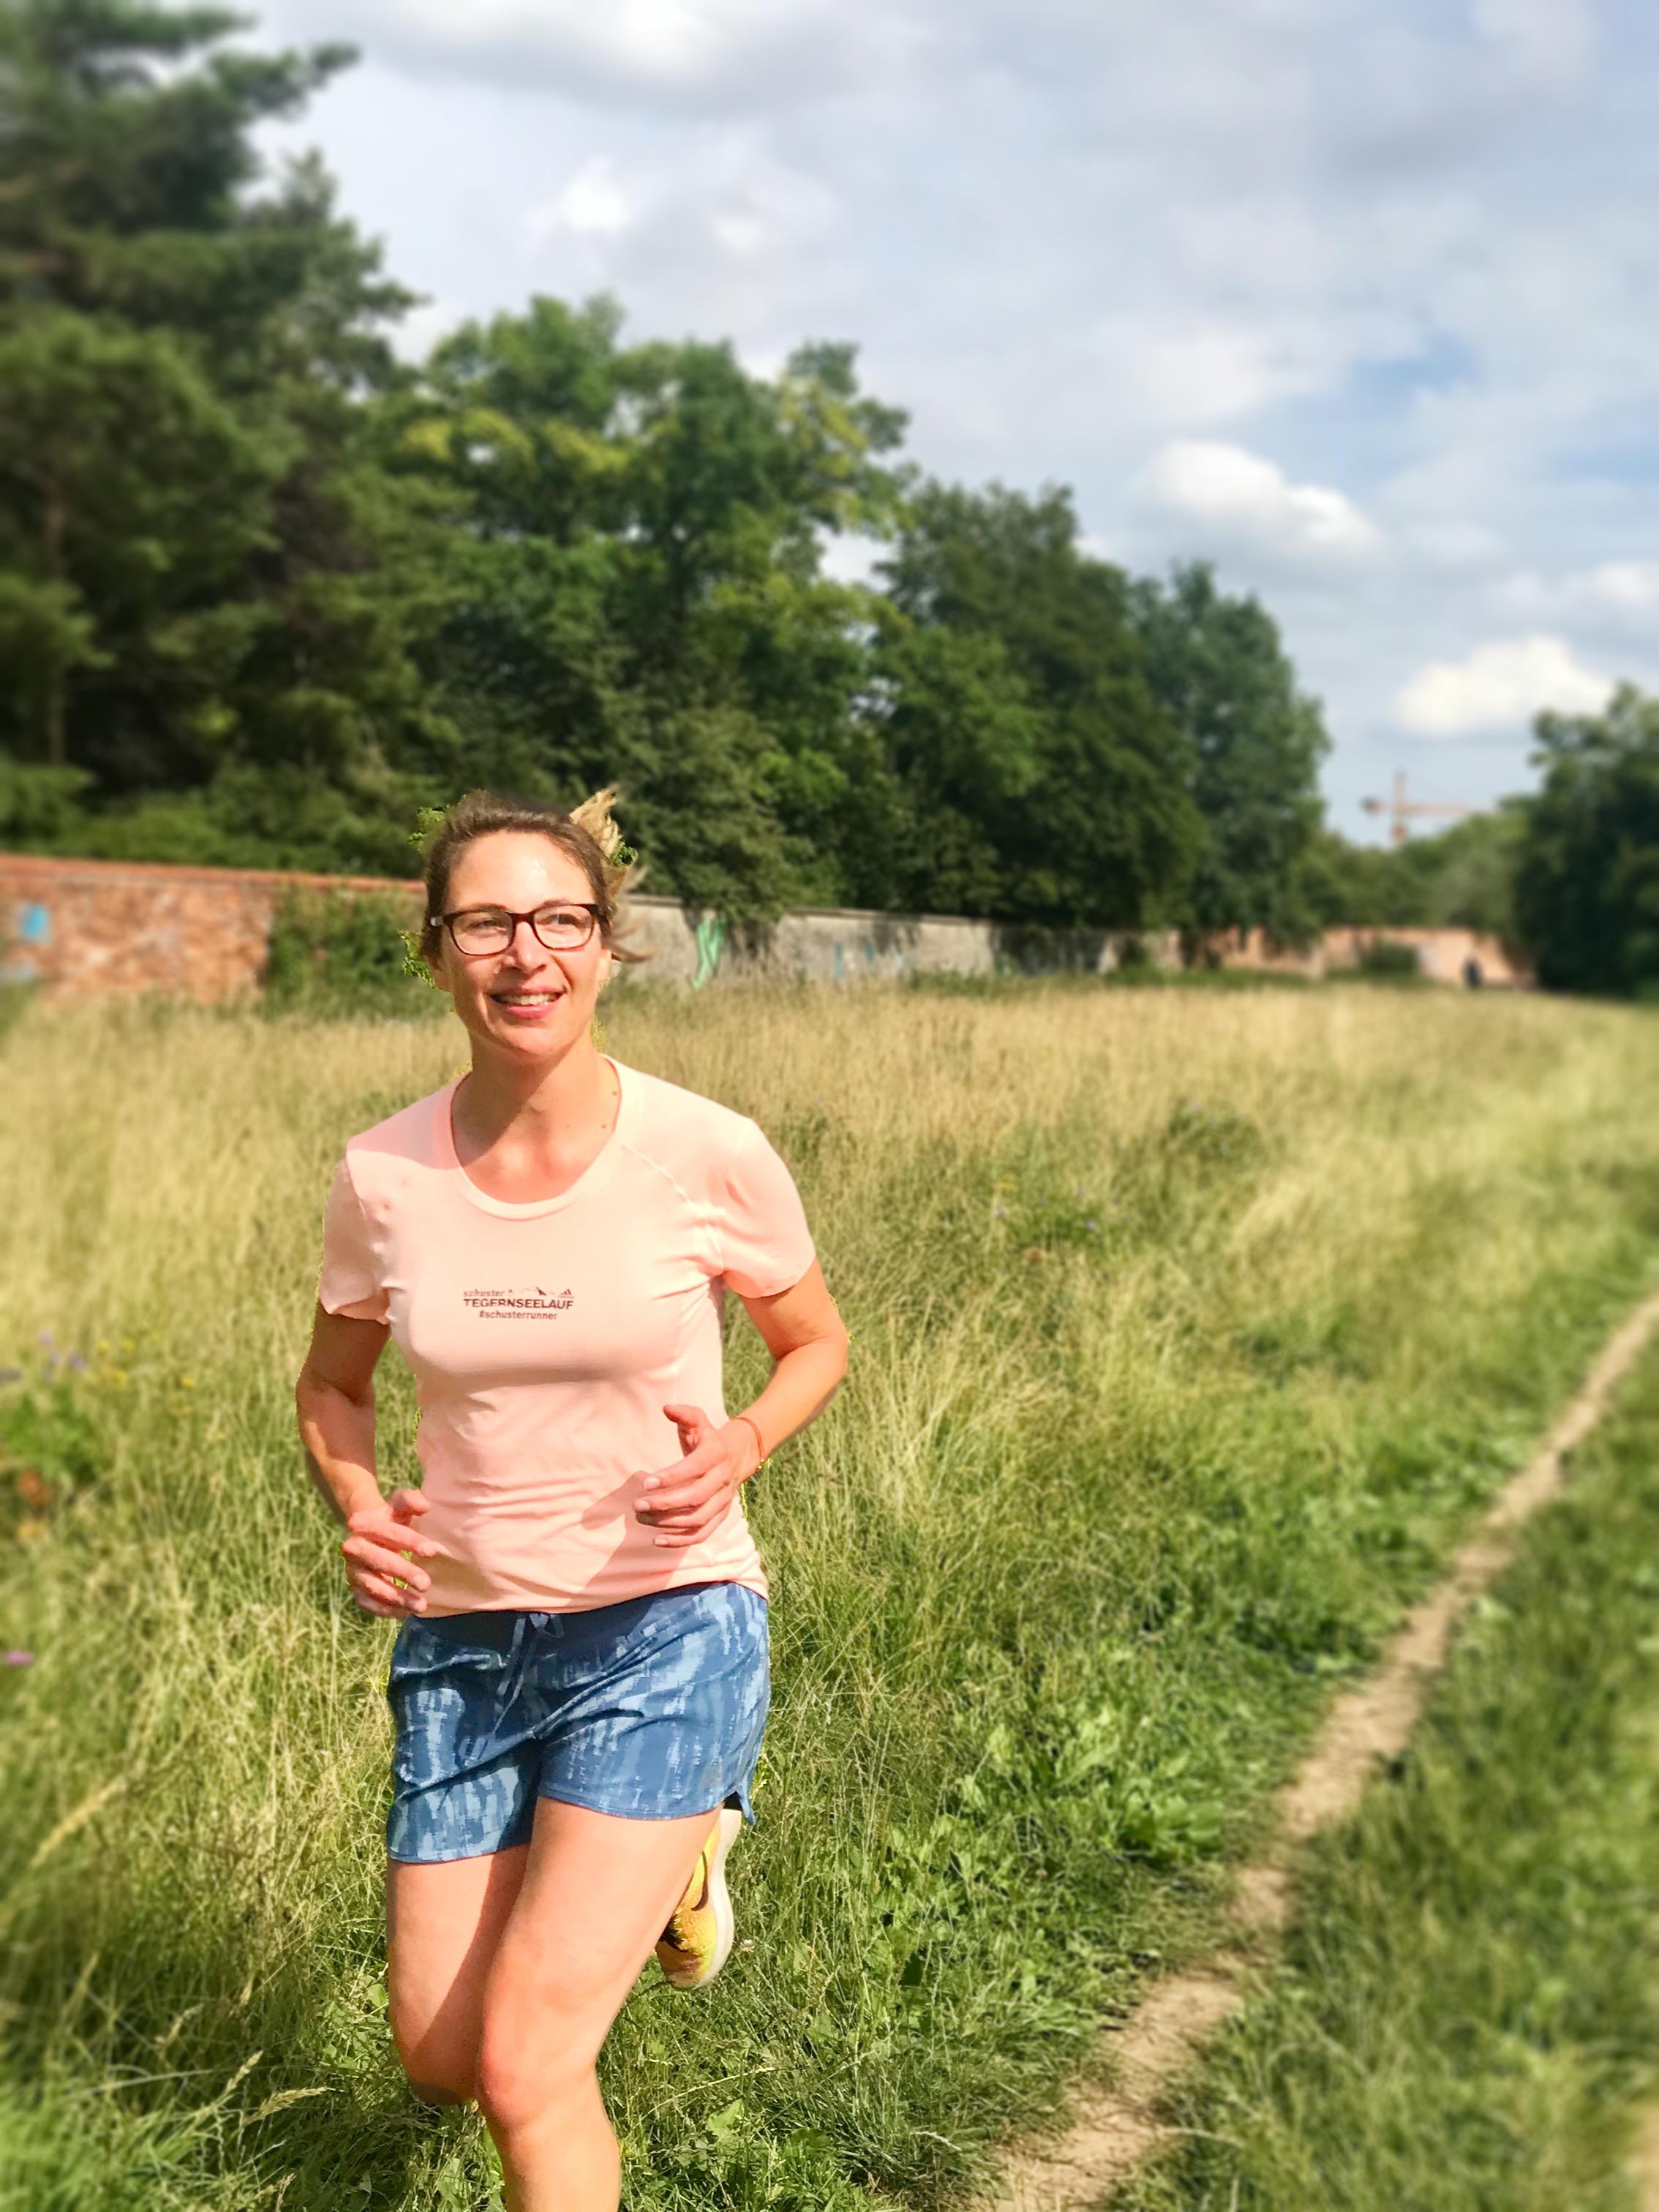 Beim long run vor den Mauern des Nymphenburger Schlossparks